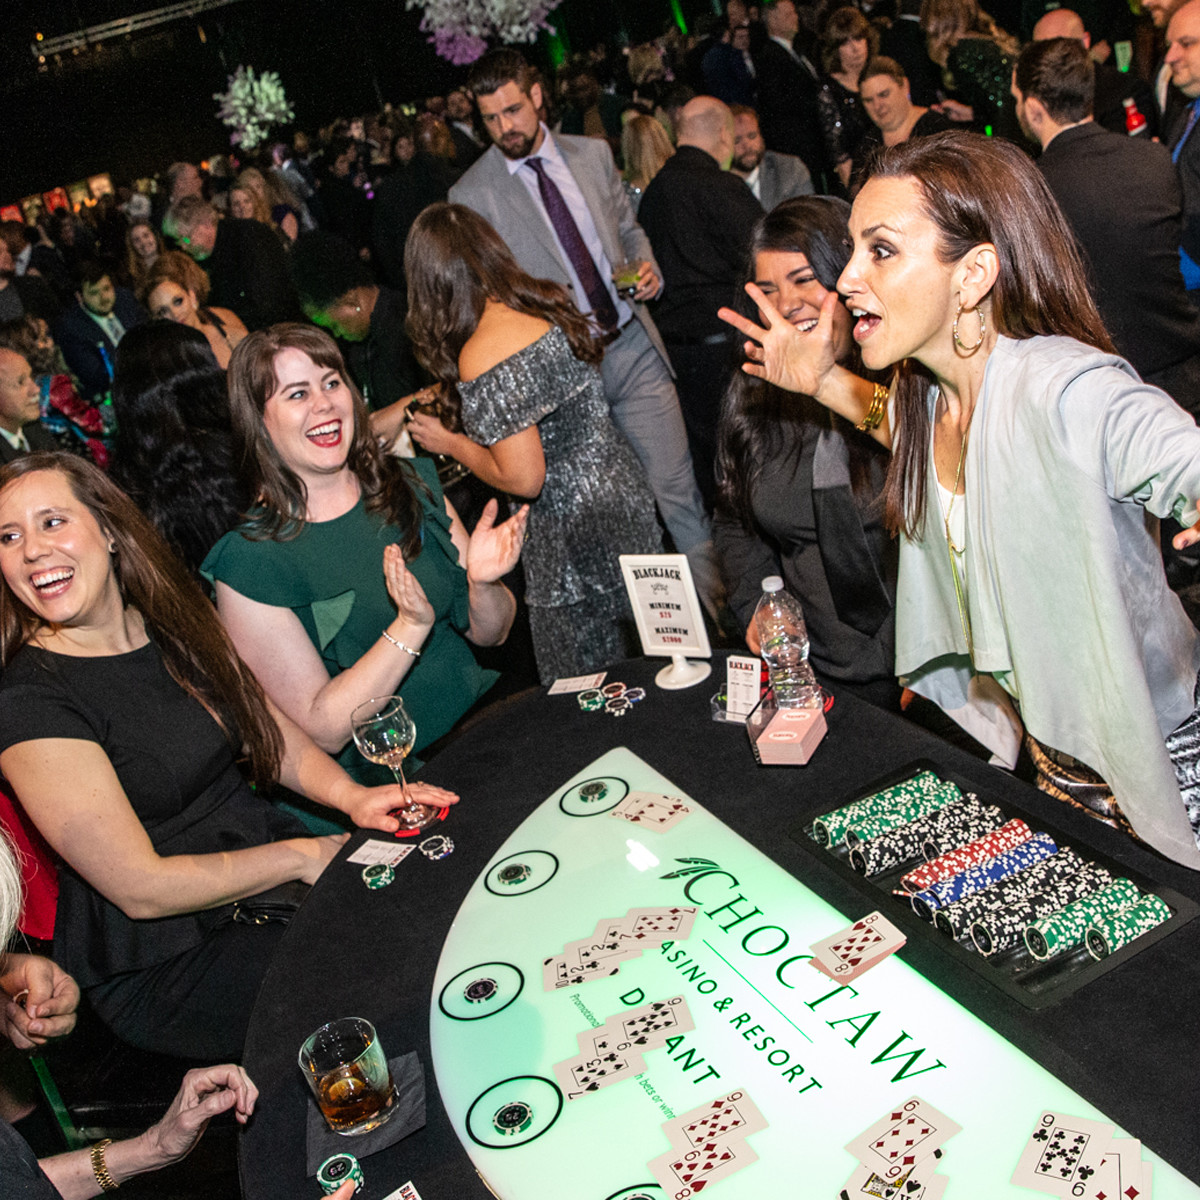 Dallas Stars in-game host and National Anthem singer Celena Rae deals blackjack